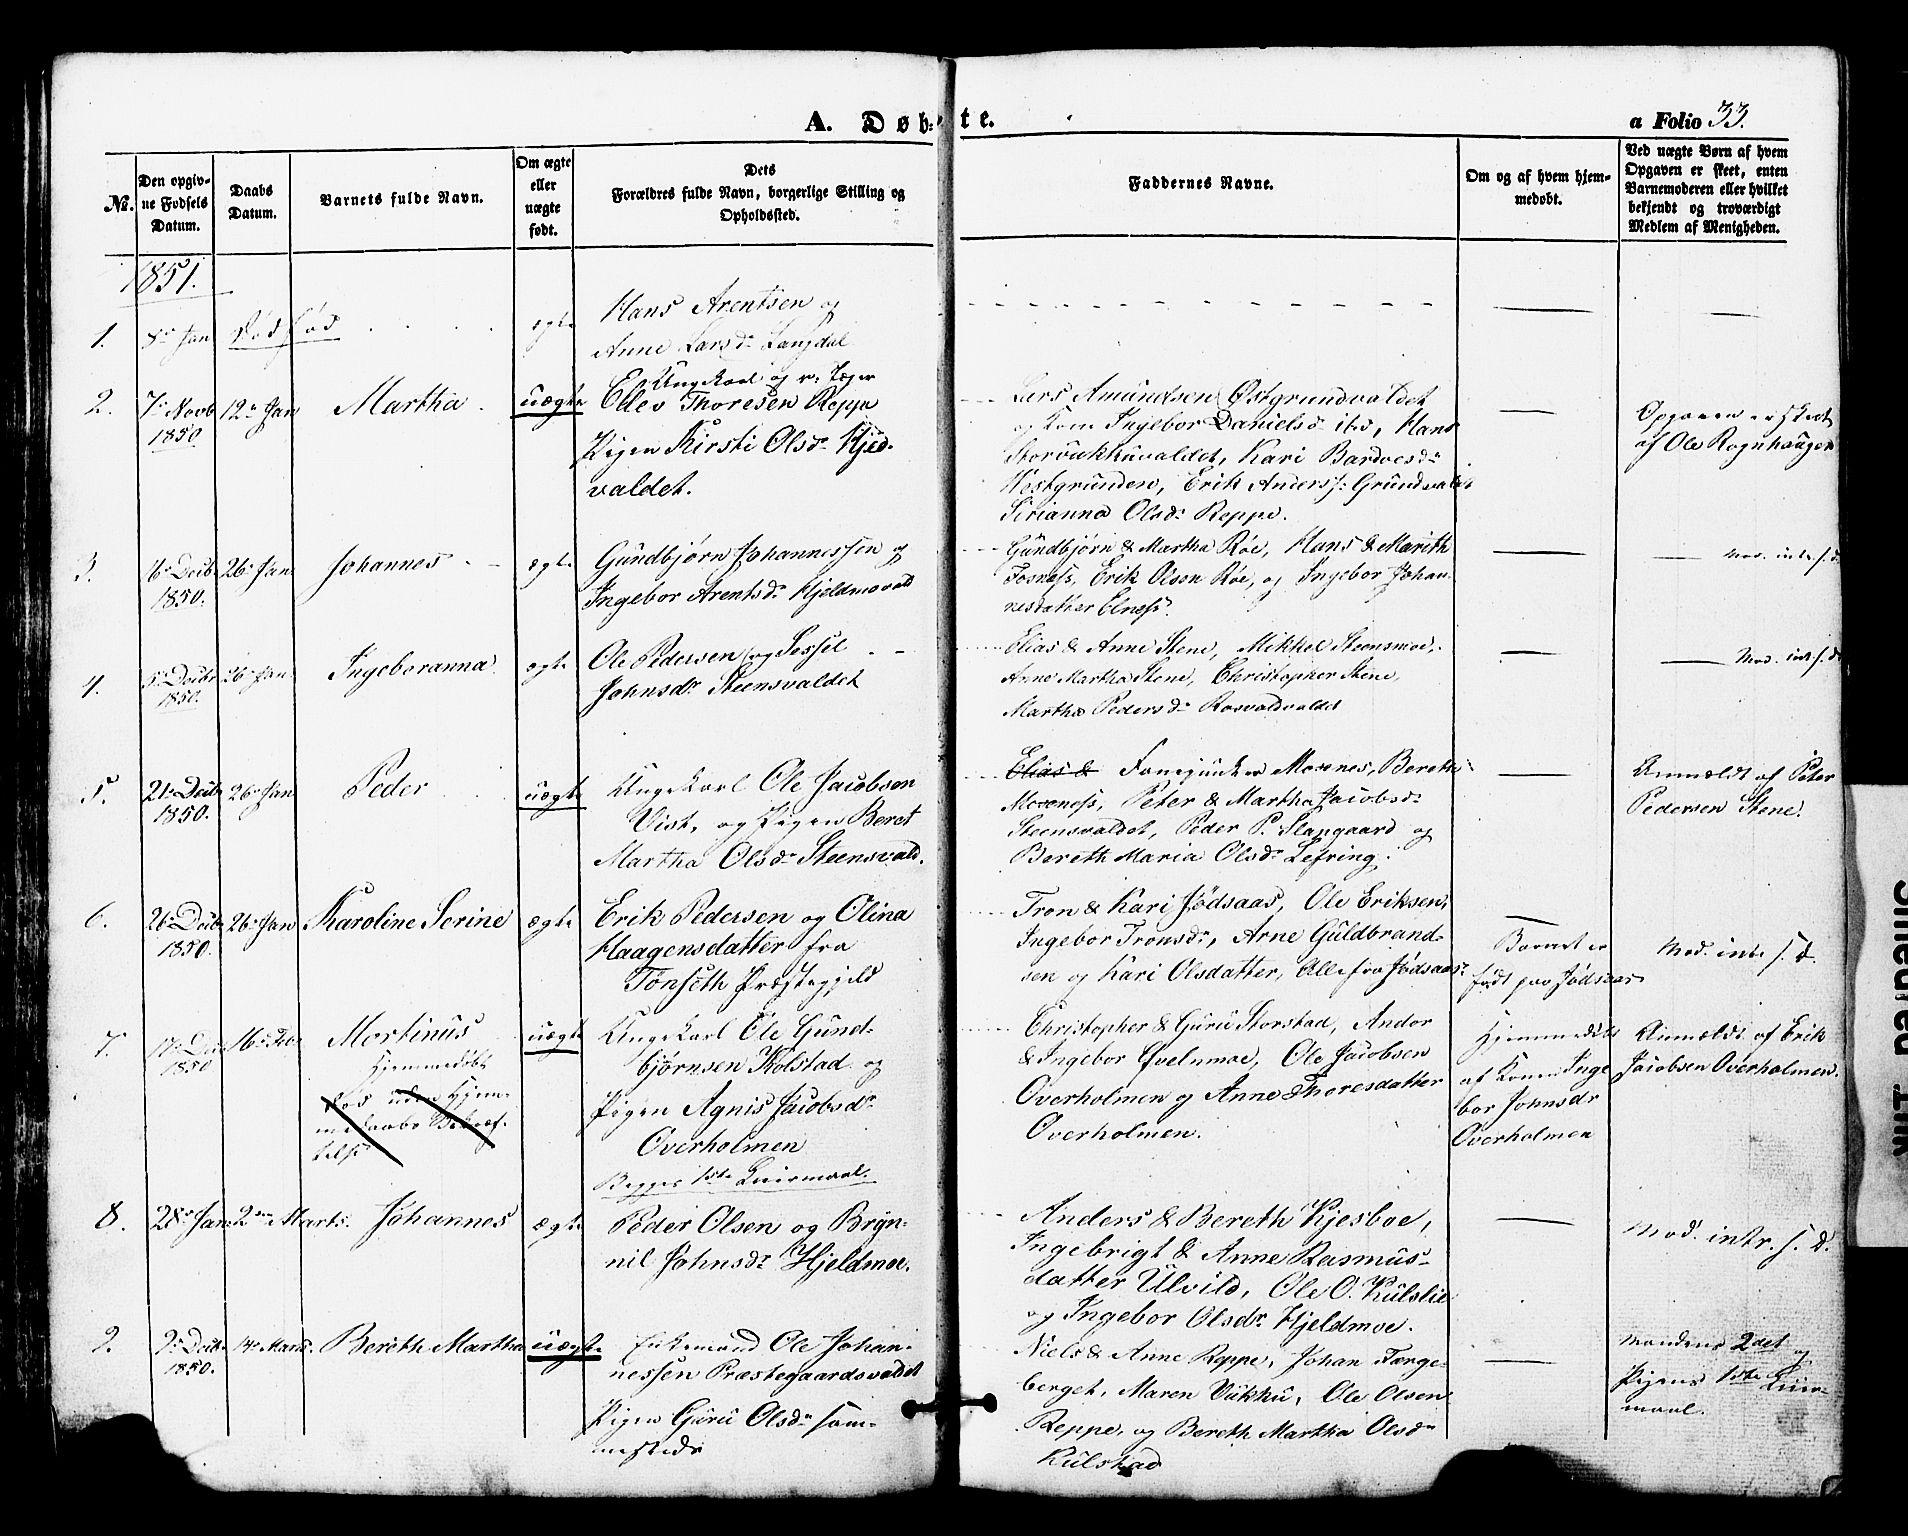 SAT, Ministerialprotokoller, klokkerbøker og fødselsregistre - Nord-Trøndelag, 724/L0268: Klokkerbok nr. 724C04, 1846-1878, s. 33